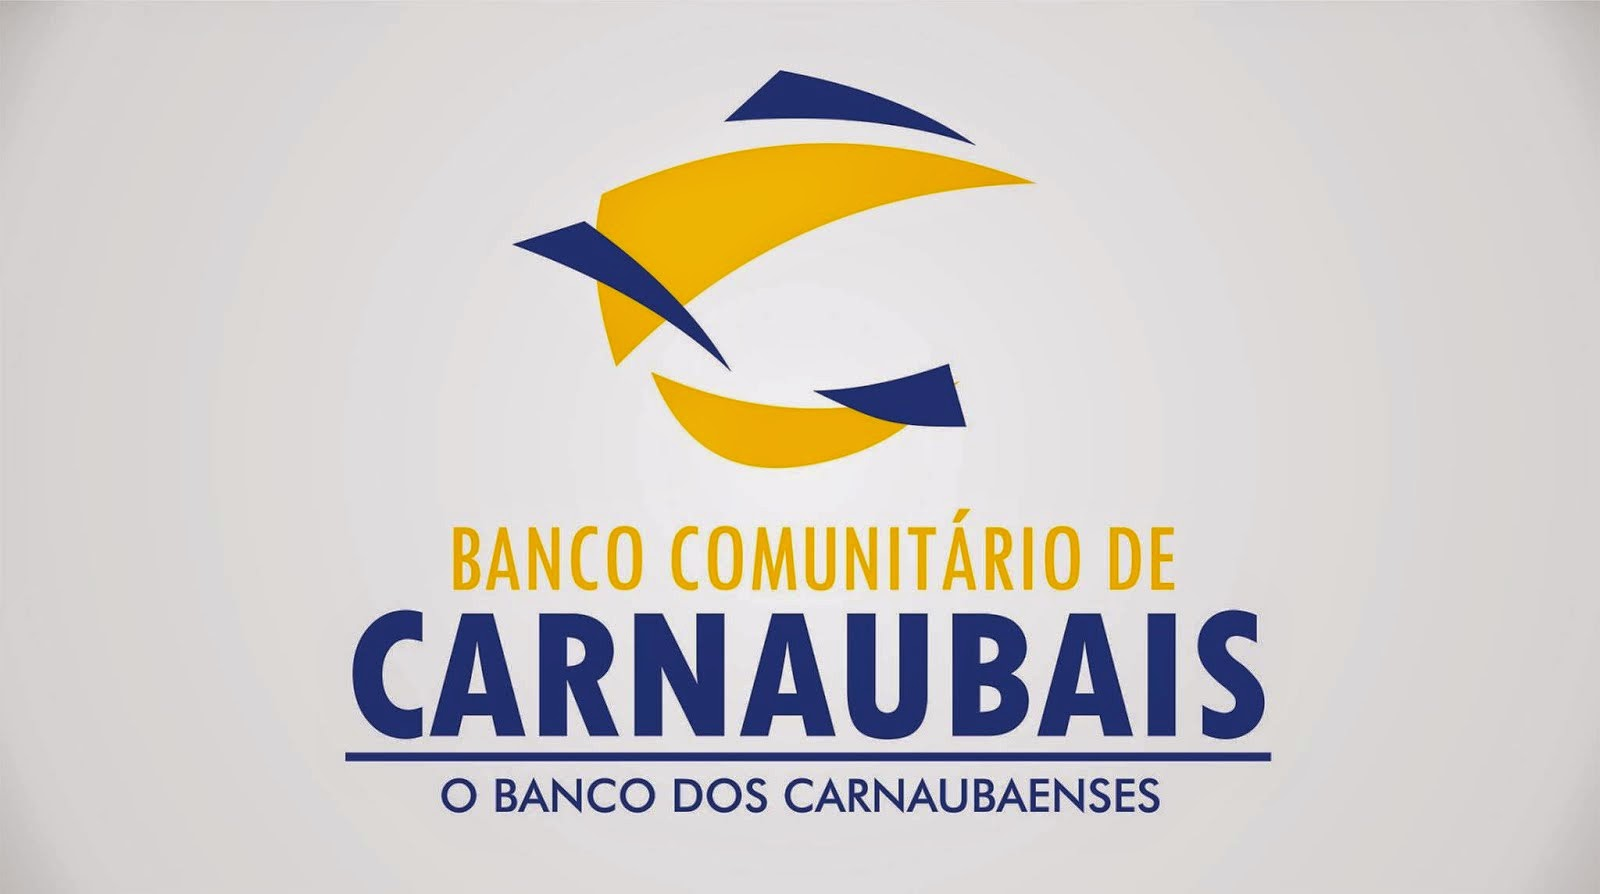 Banco Comunitário de Carnaubais